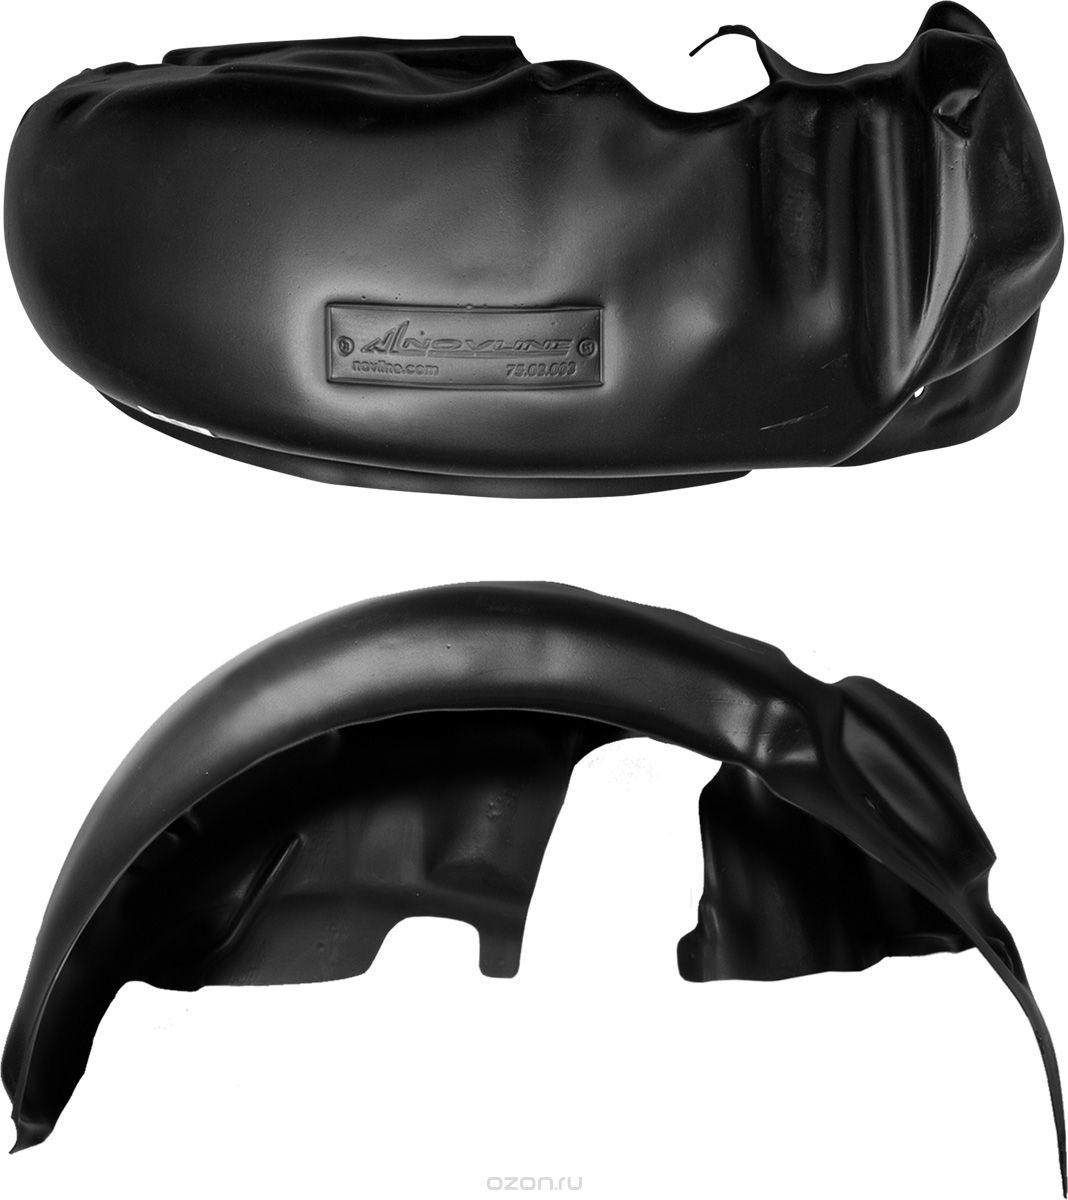 Подкрылок Novline-Autofamily, для Isuzu D-MAX, 04/2016->, пикап, передний левыйNLL.21.01.001Идеальная защита колесной ниши. Локеры разработаны с применением цифровых технологий, гарантируют максимальную повторяемость поверхности арки. Изделия устанавливаются без нарушения лакокрасочного покрытия автомобиля, каждый подкрылок комплектуется крепежом. Уважаемые клиенты, обращаем ваше внимание, что фотографии на подкрылки универсальные и не отражают реальную форму изделия. При этом само изделие идет точно под размер указанного автомобиля.